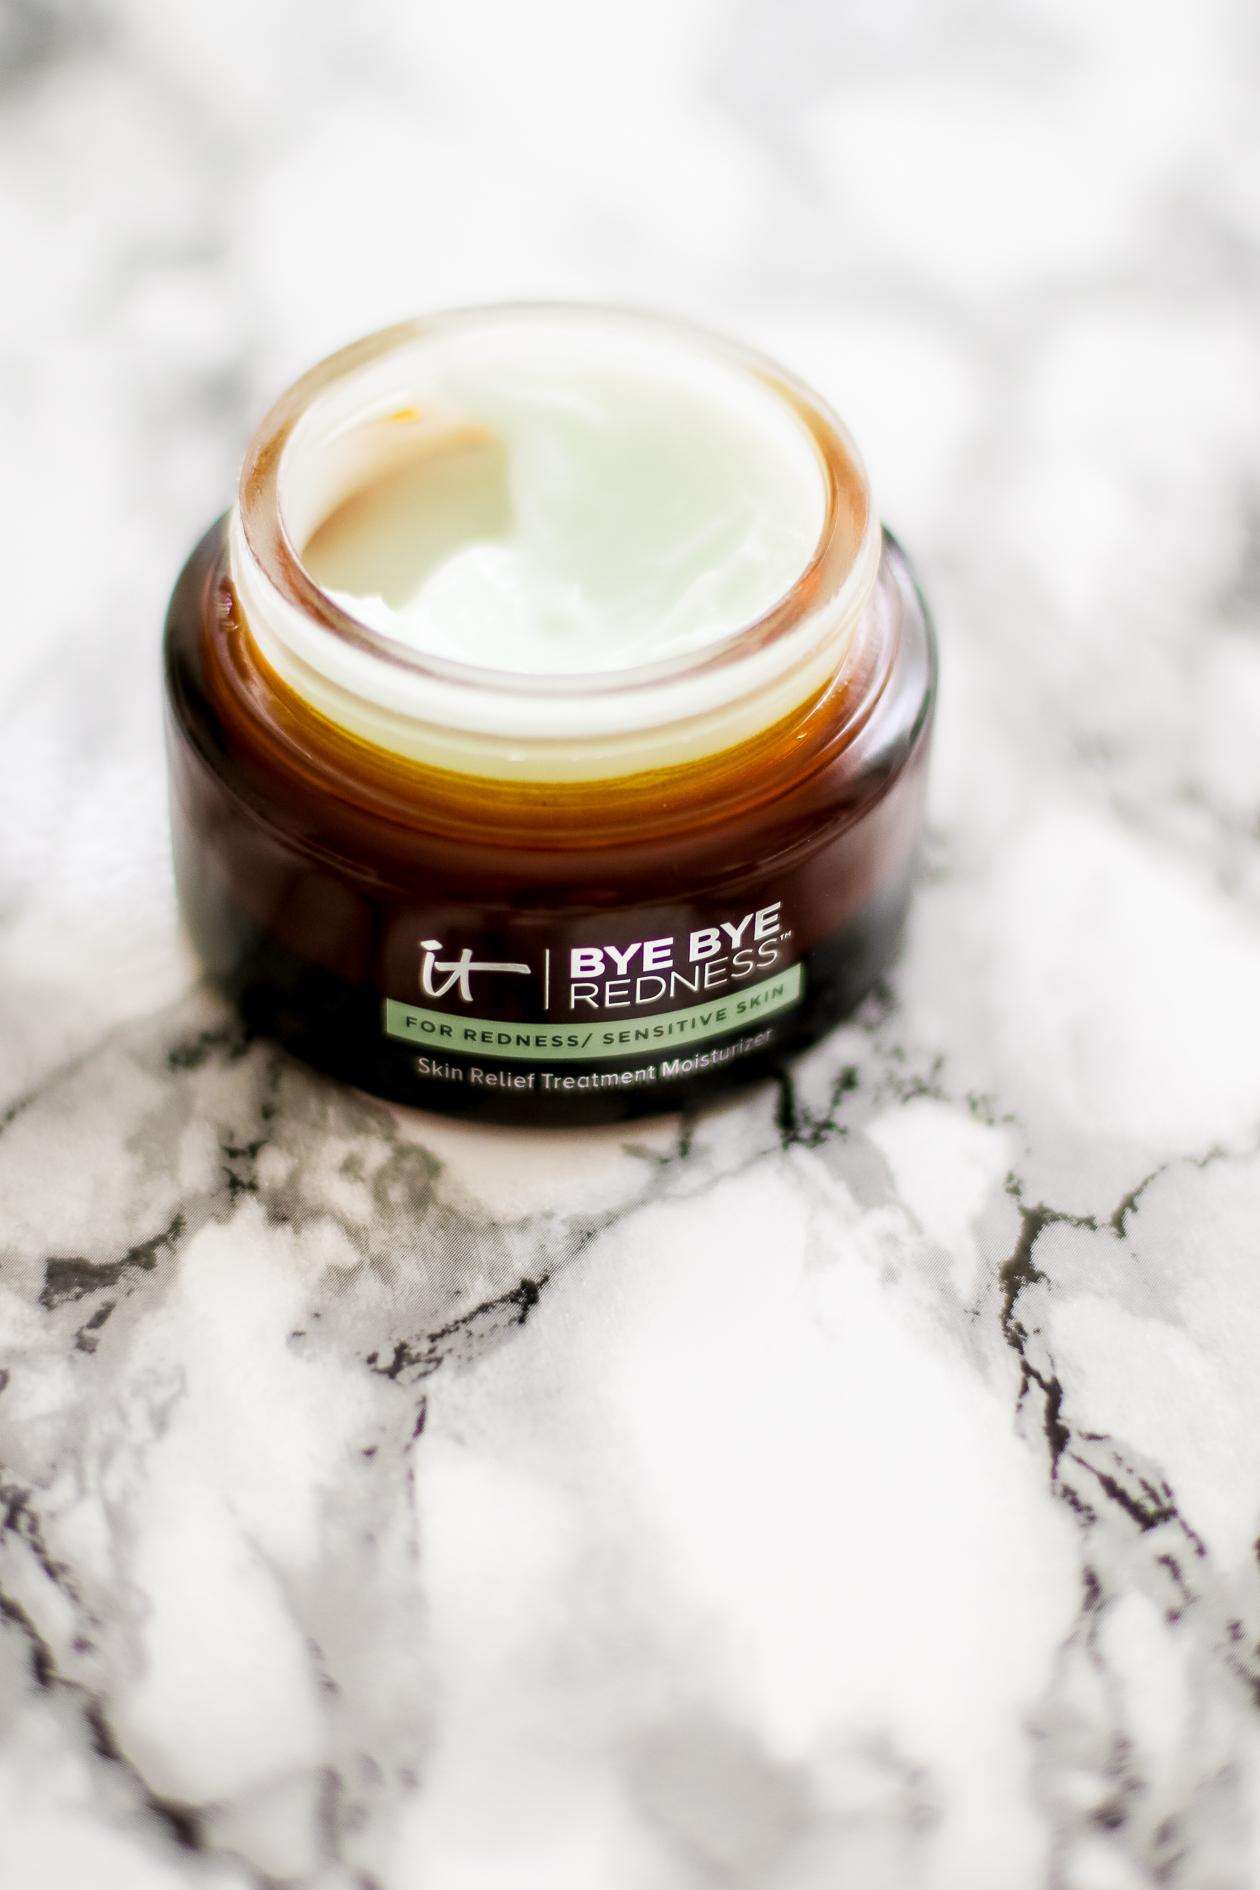 IT Cosmetics Bye Bye Redness | @dcgirlinpearls